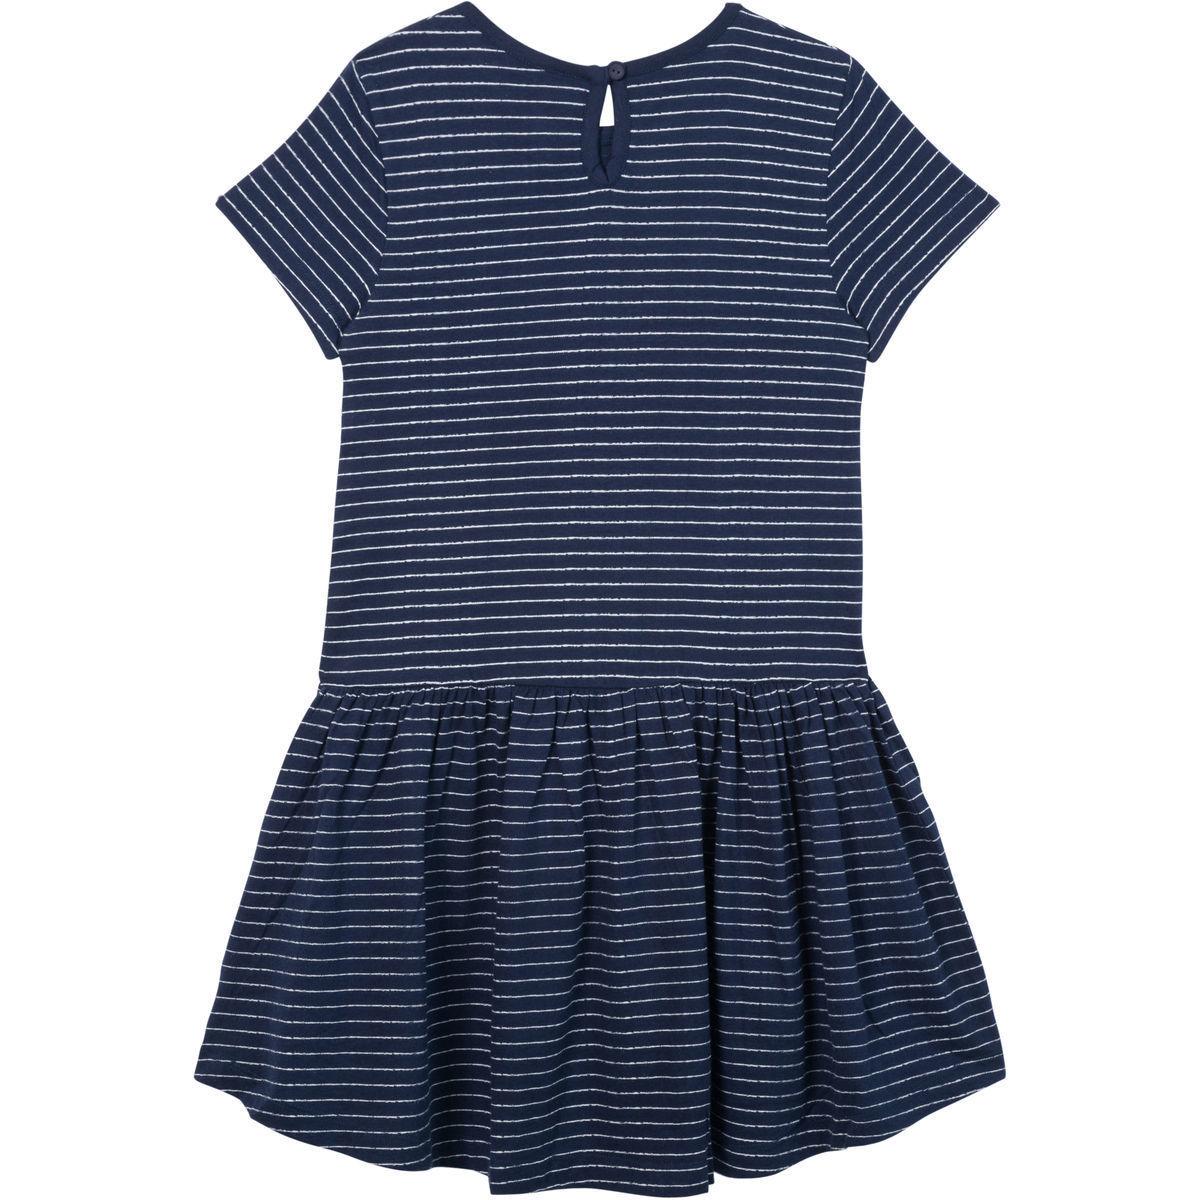 Bild 2 von Desigual Mädchen Kleid mit Print, gestreift